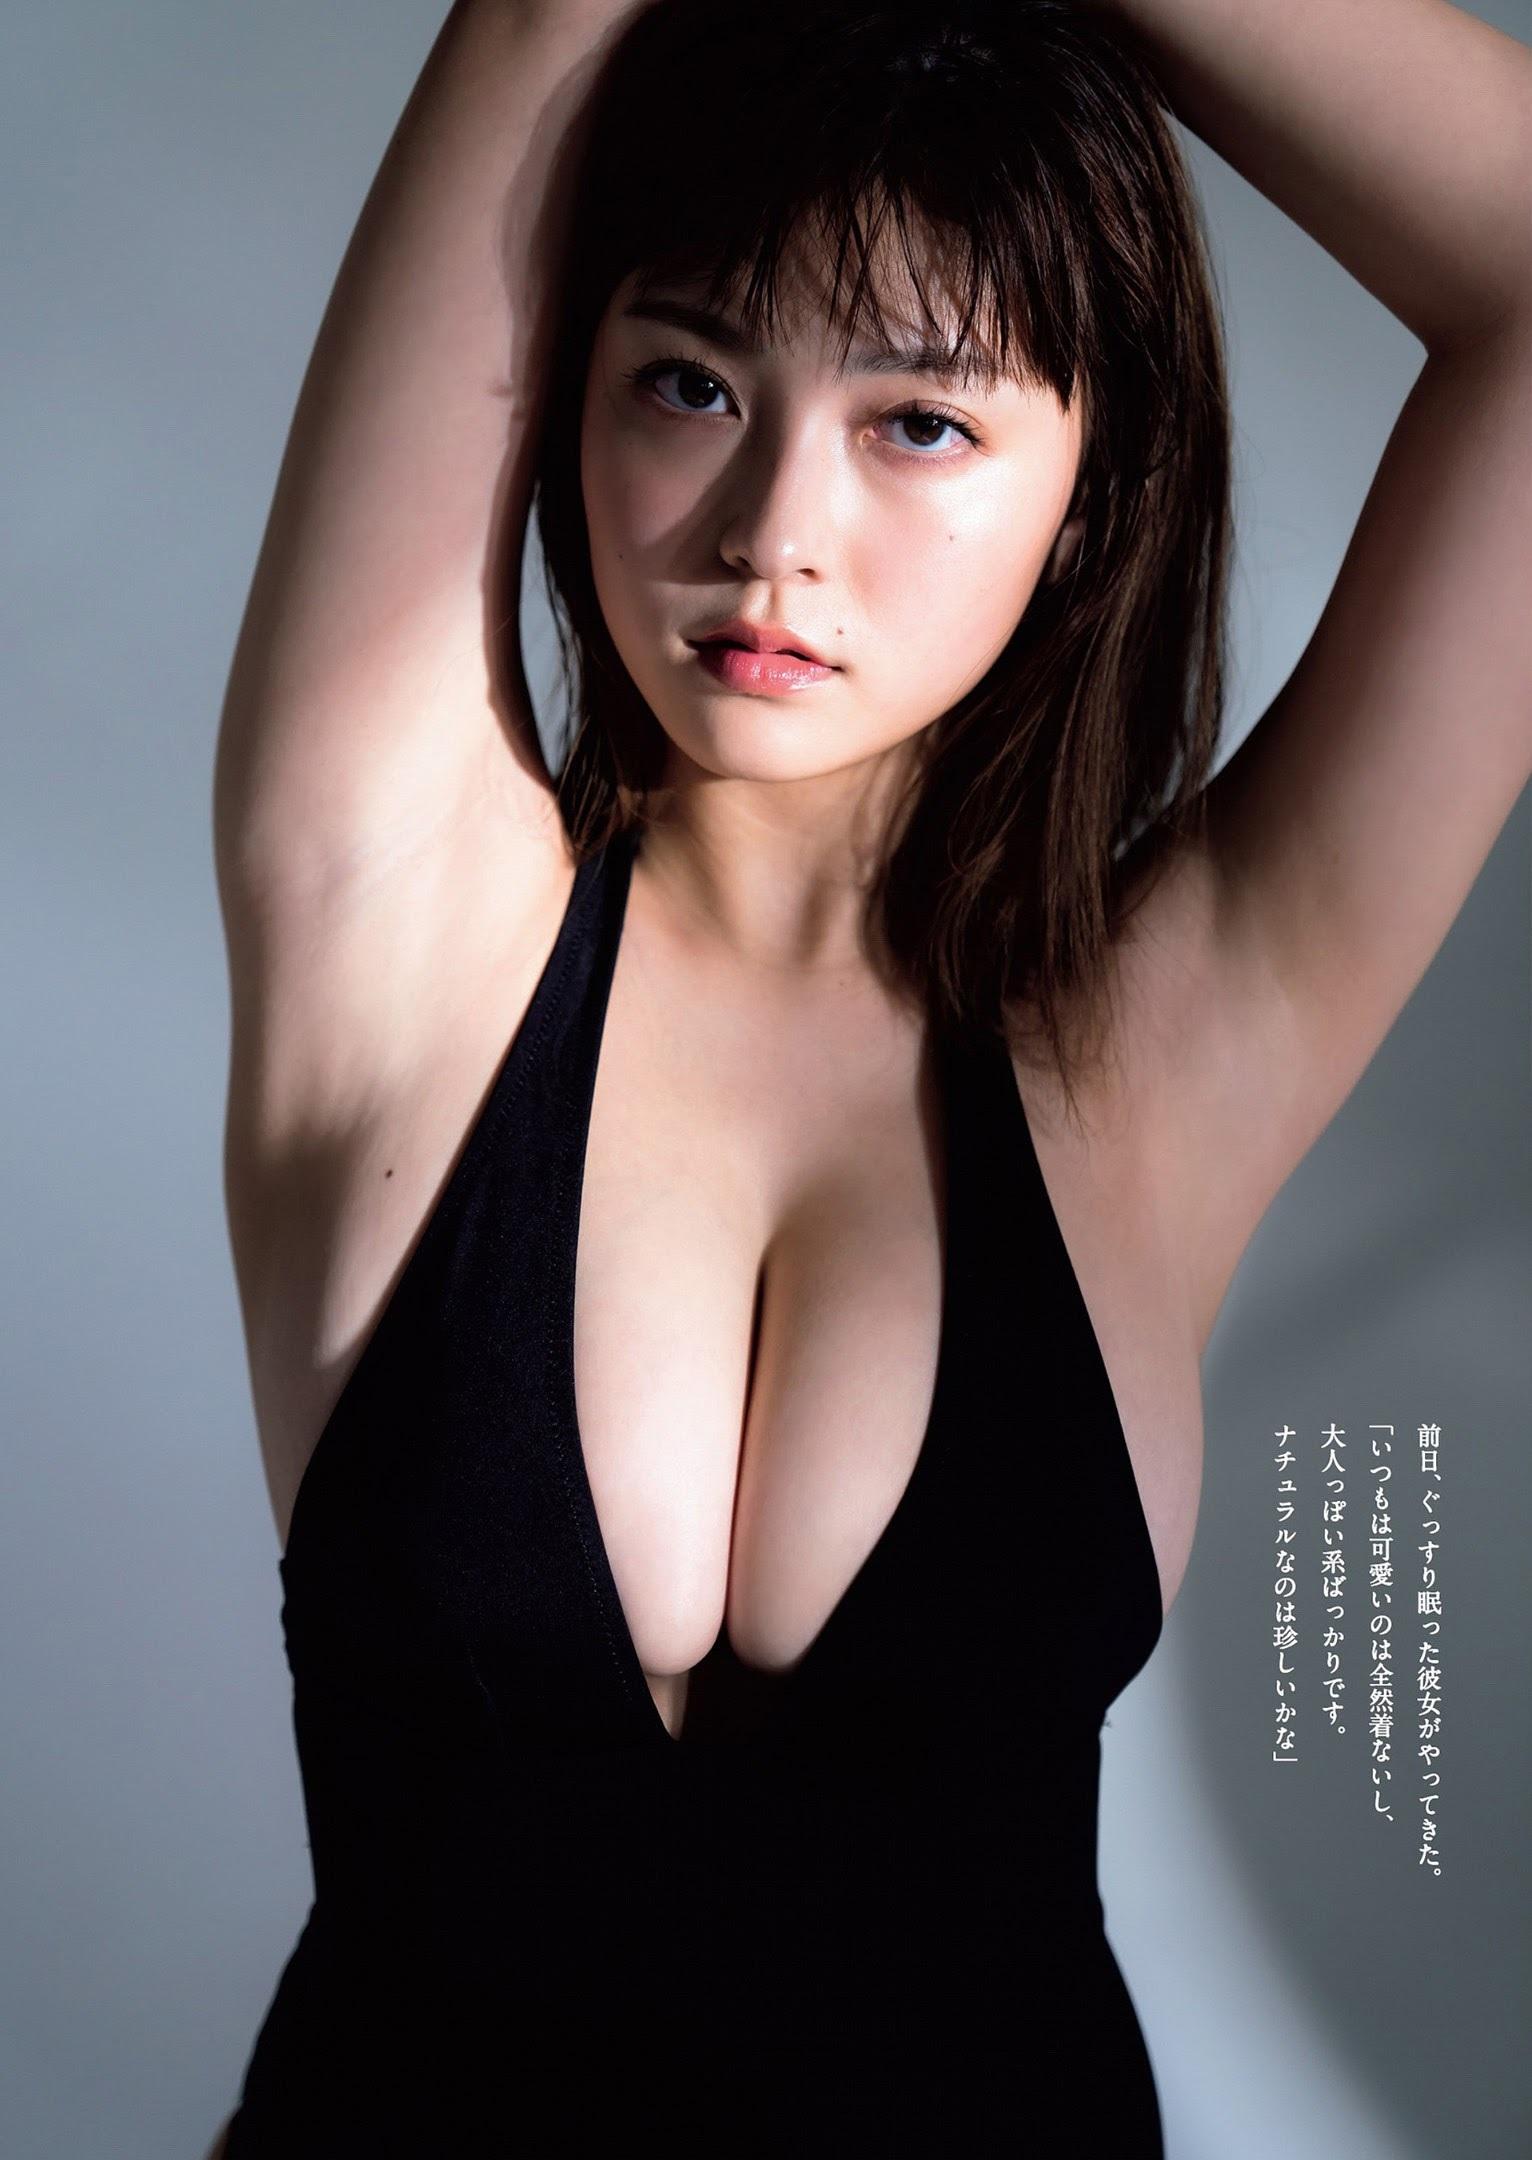 櫻井音乃2